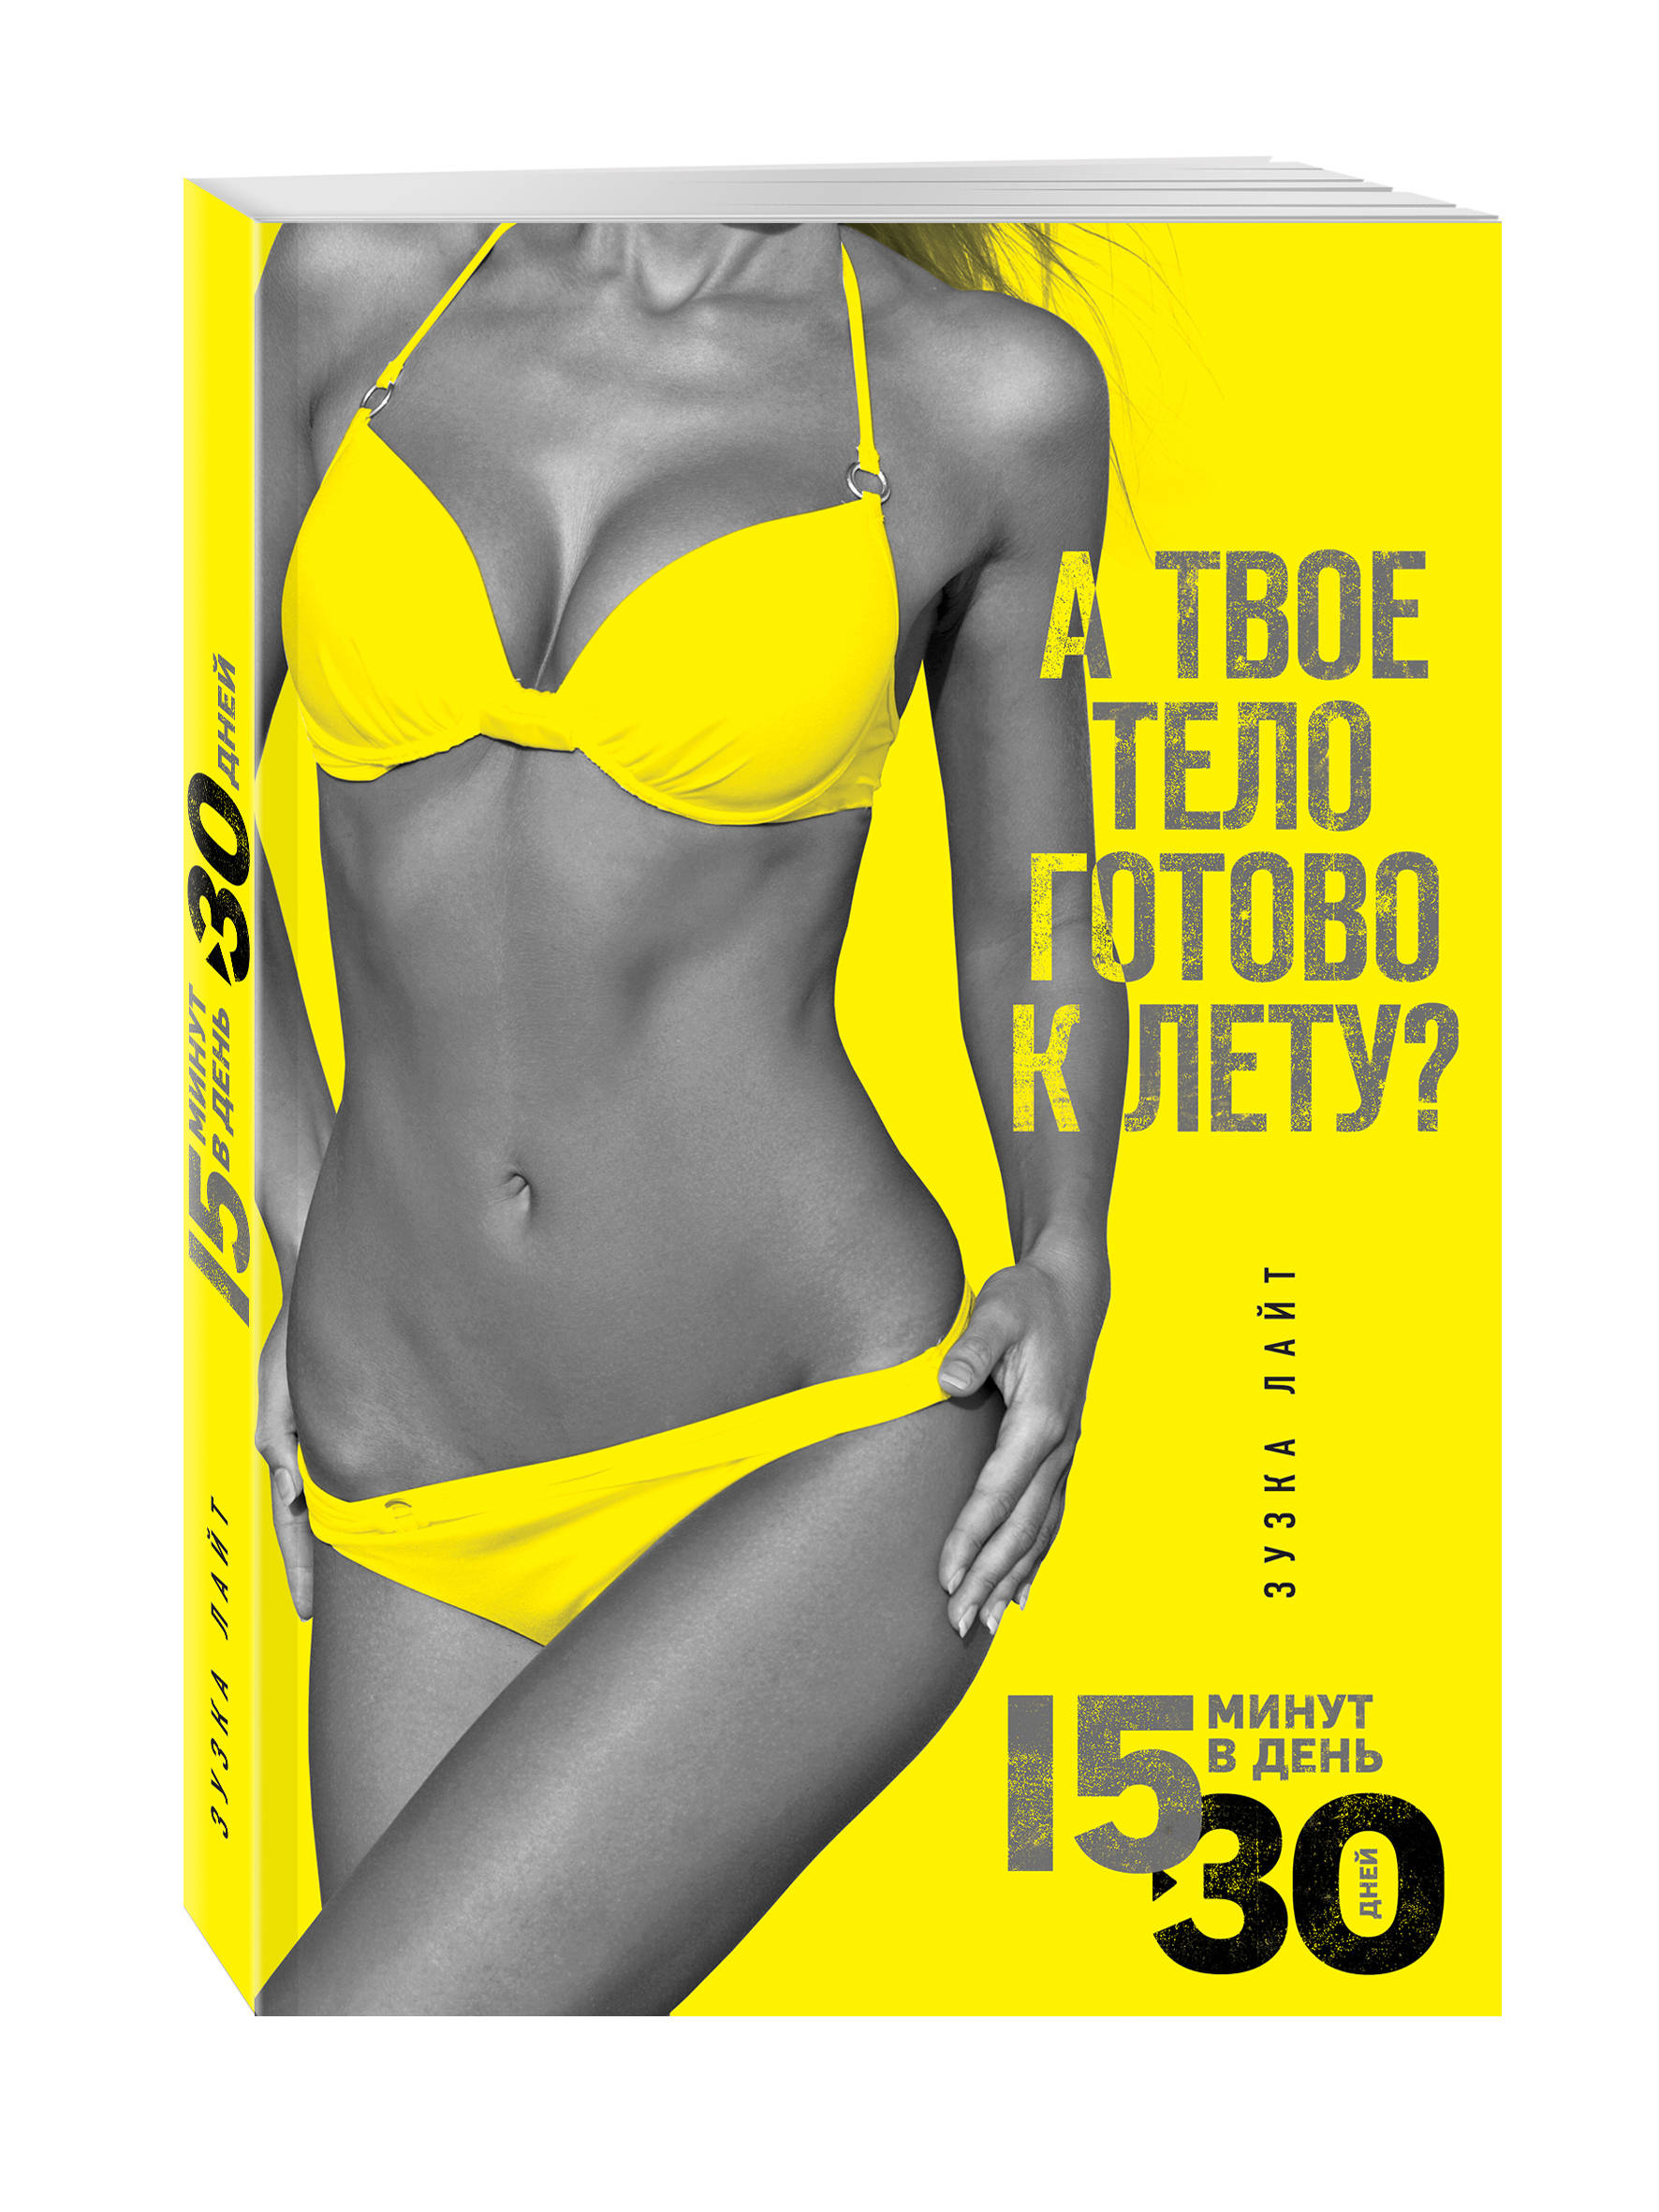 15 минут, чтобы похудеть! Инновационная книга-тренер от book24.ru